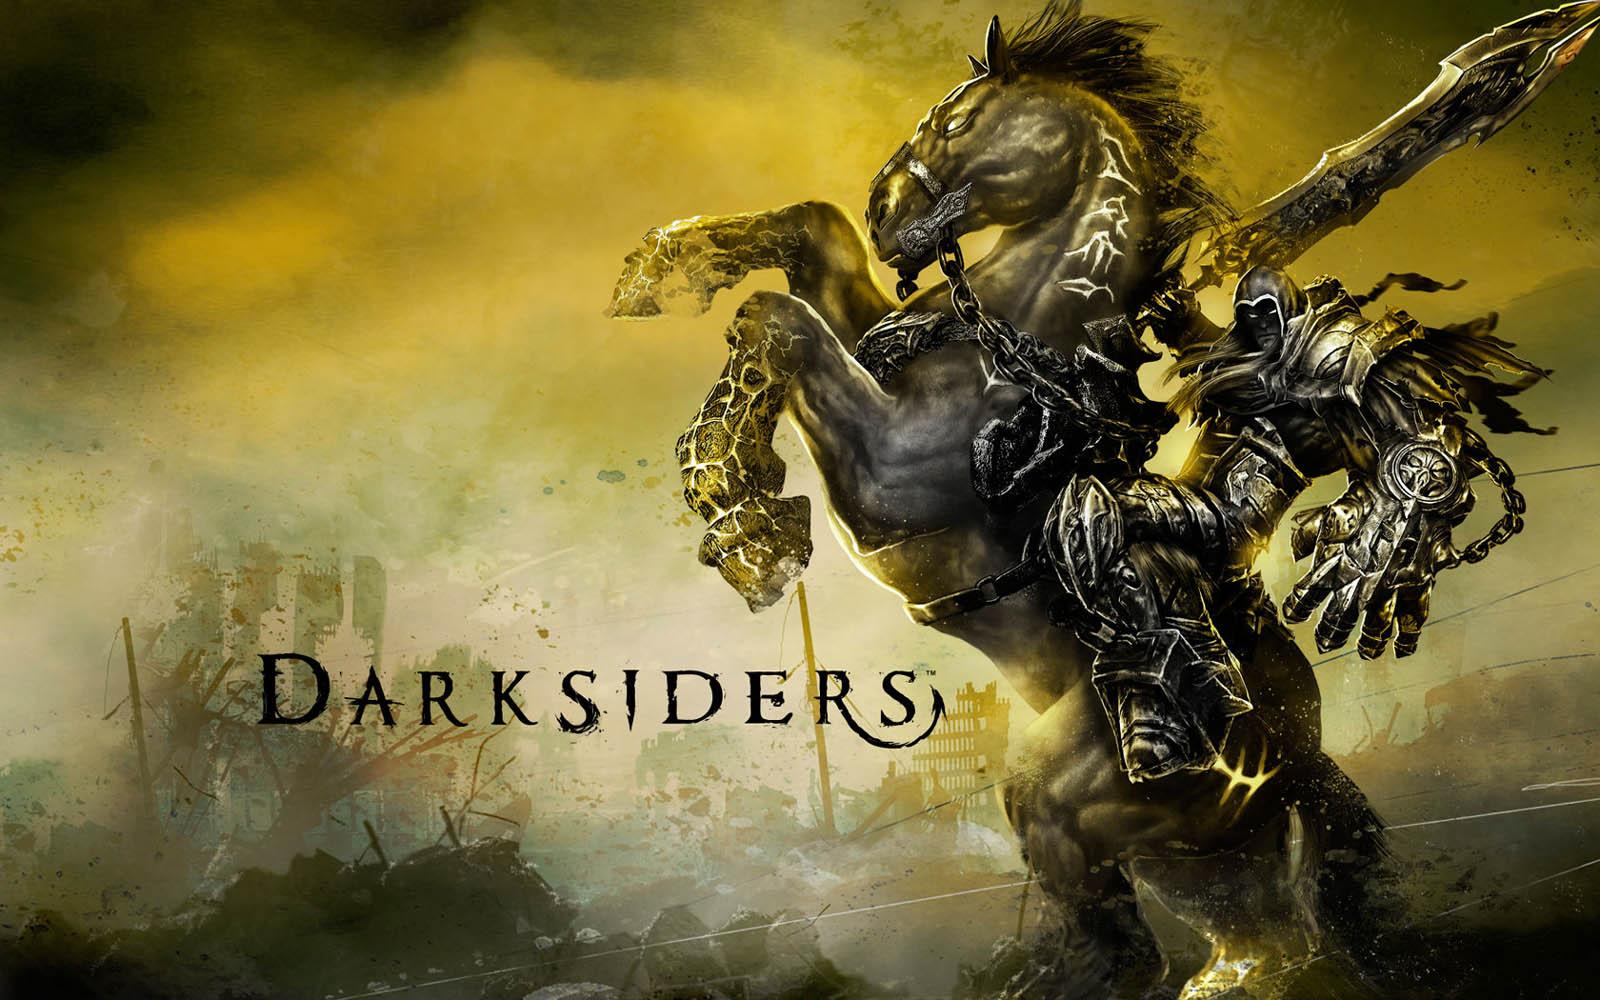 Apocalypse Darksiders newhairstylesformen2014com 1600x1000